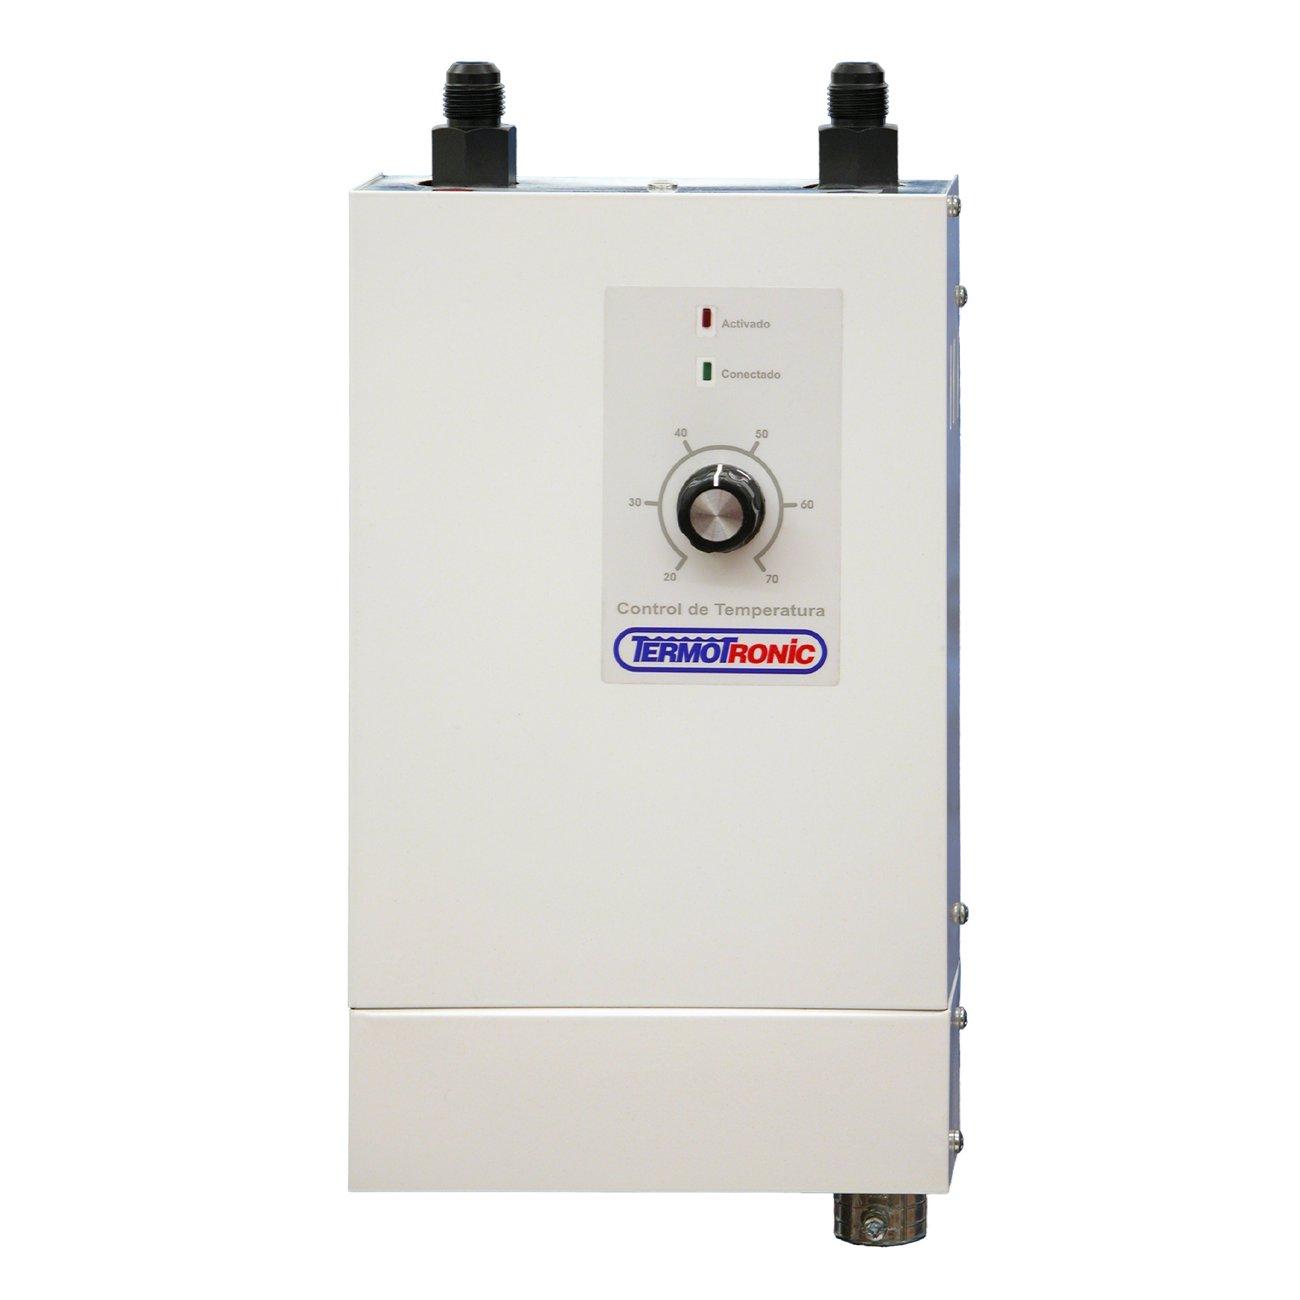 Termos eléctricos: Servicios de Castellfred